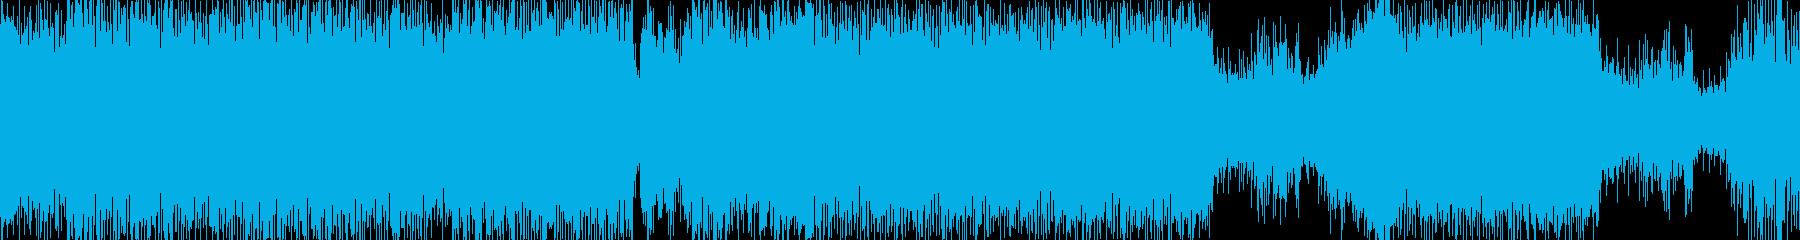 スピード感あるノリノリなメロディーの再生済みの波形